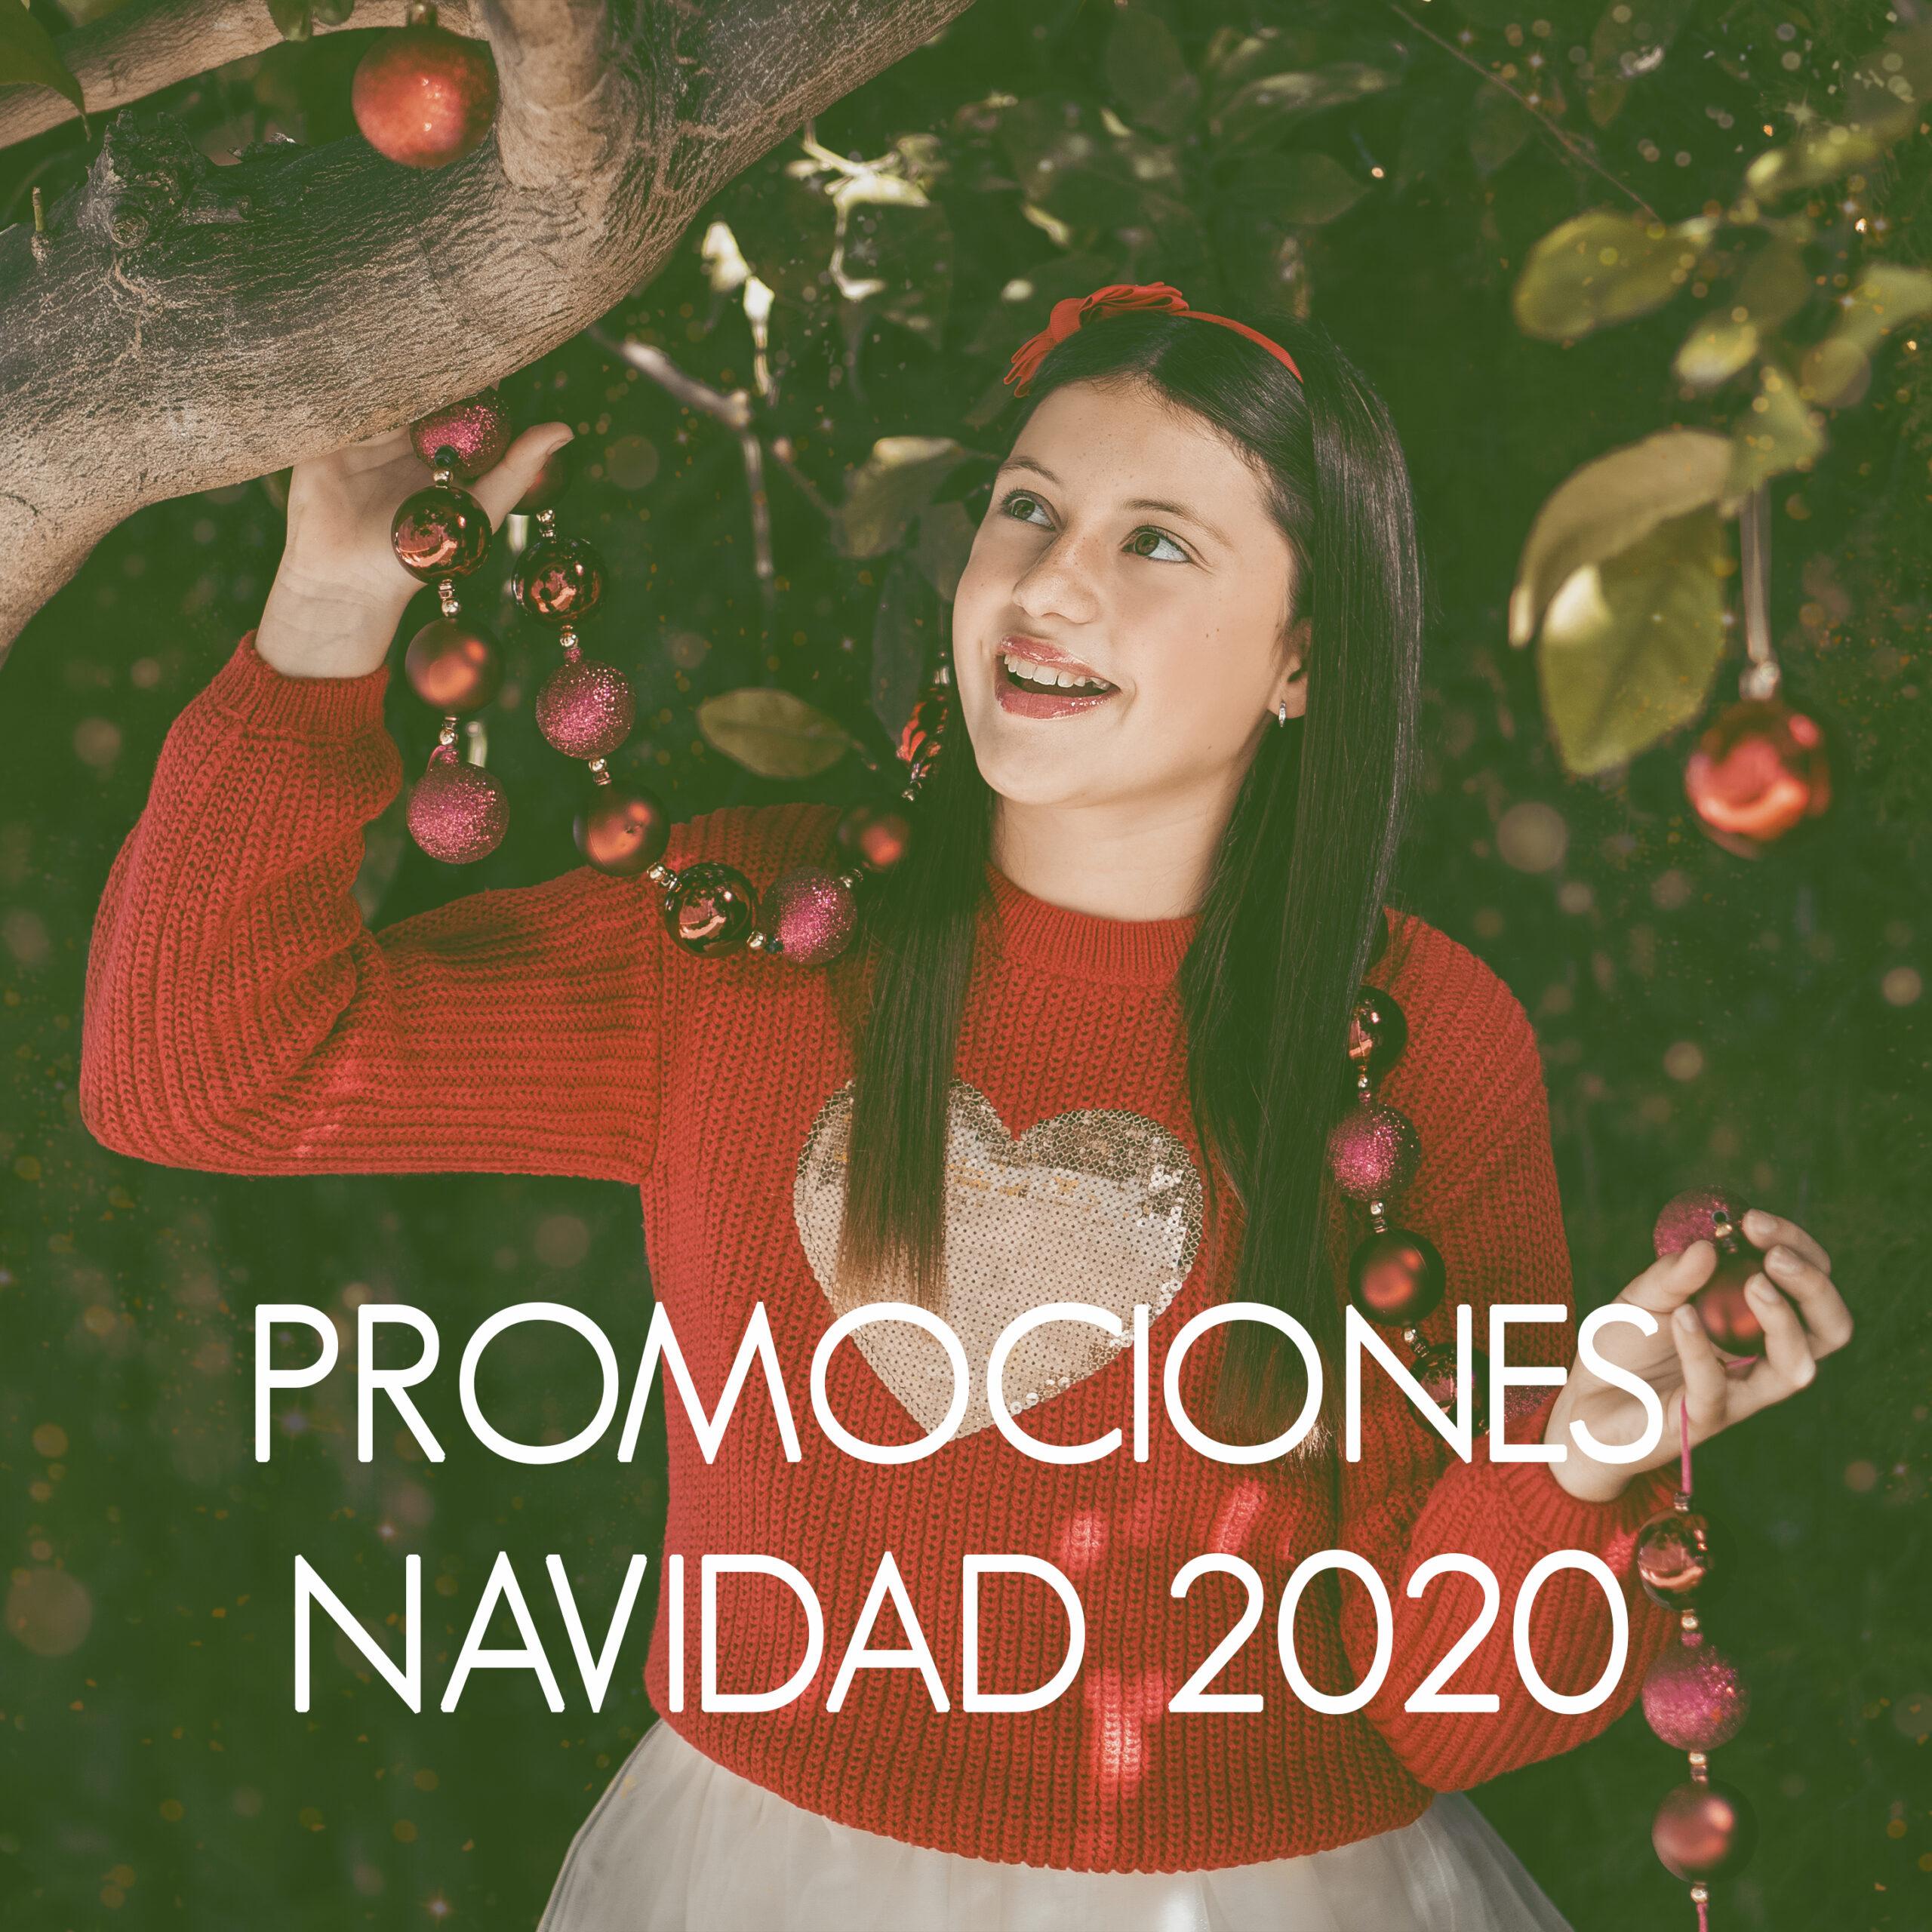 Promociones para Navidad 2020